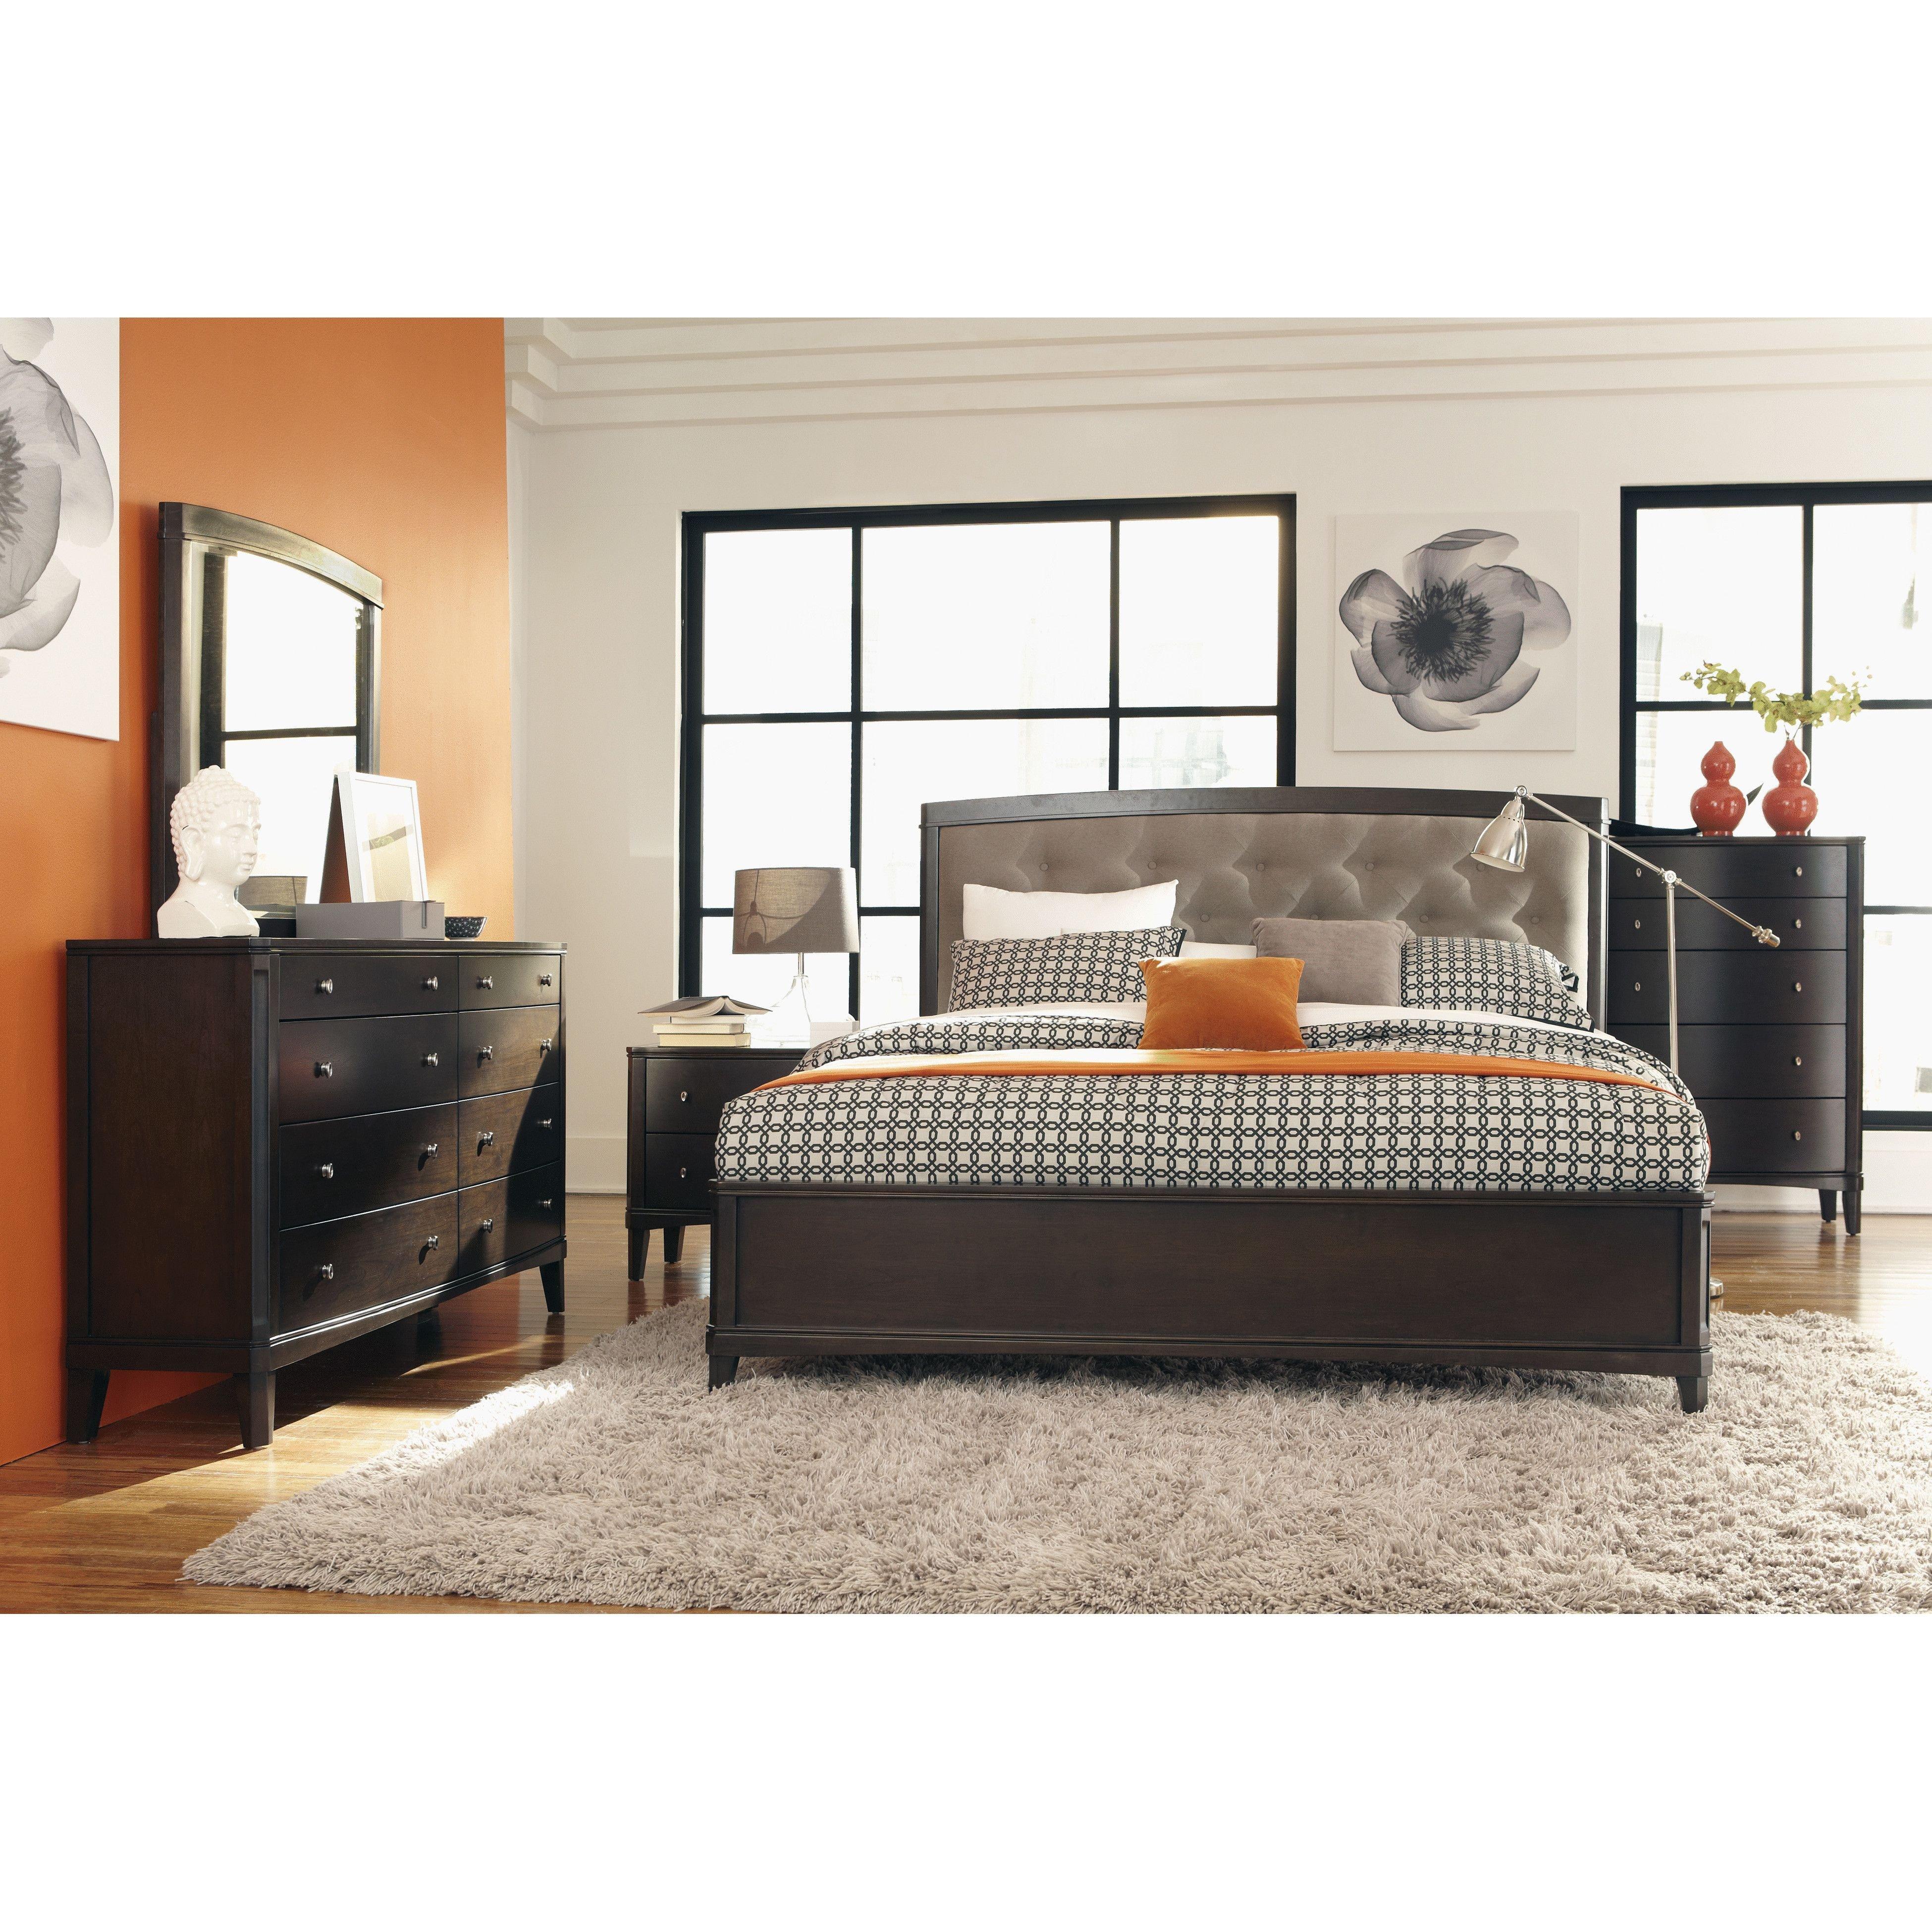 Wayfair Bedroom Set Queen Luxury Juliette Panel Customizable Bedroom Set Wayfair